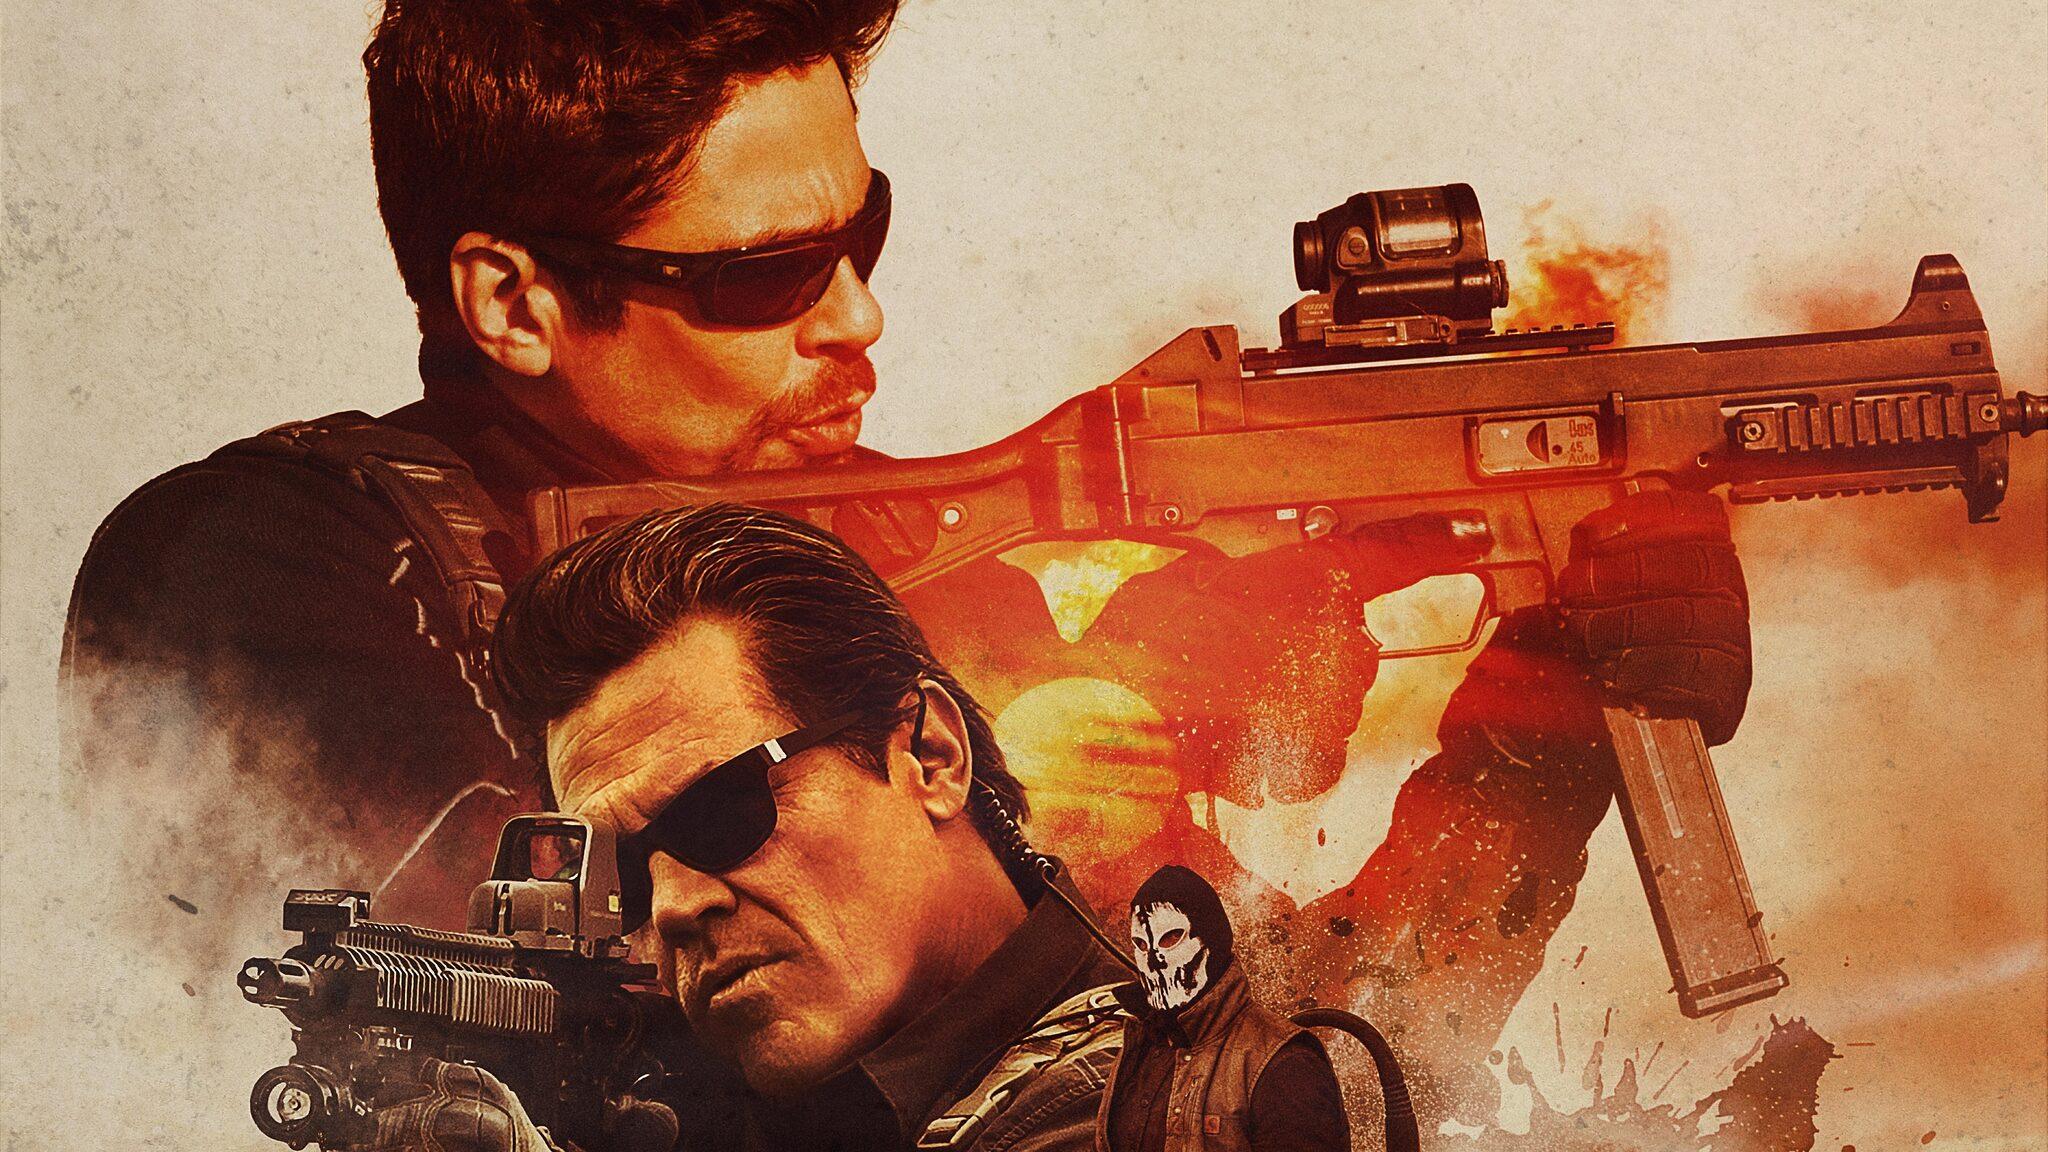 2048x1152 sicario day of the soldado movie 10k 2048x1152 - Sicario wallpaper ...